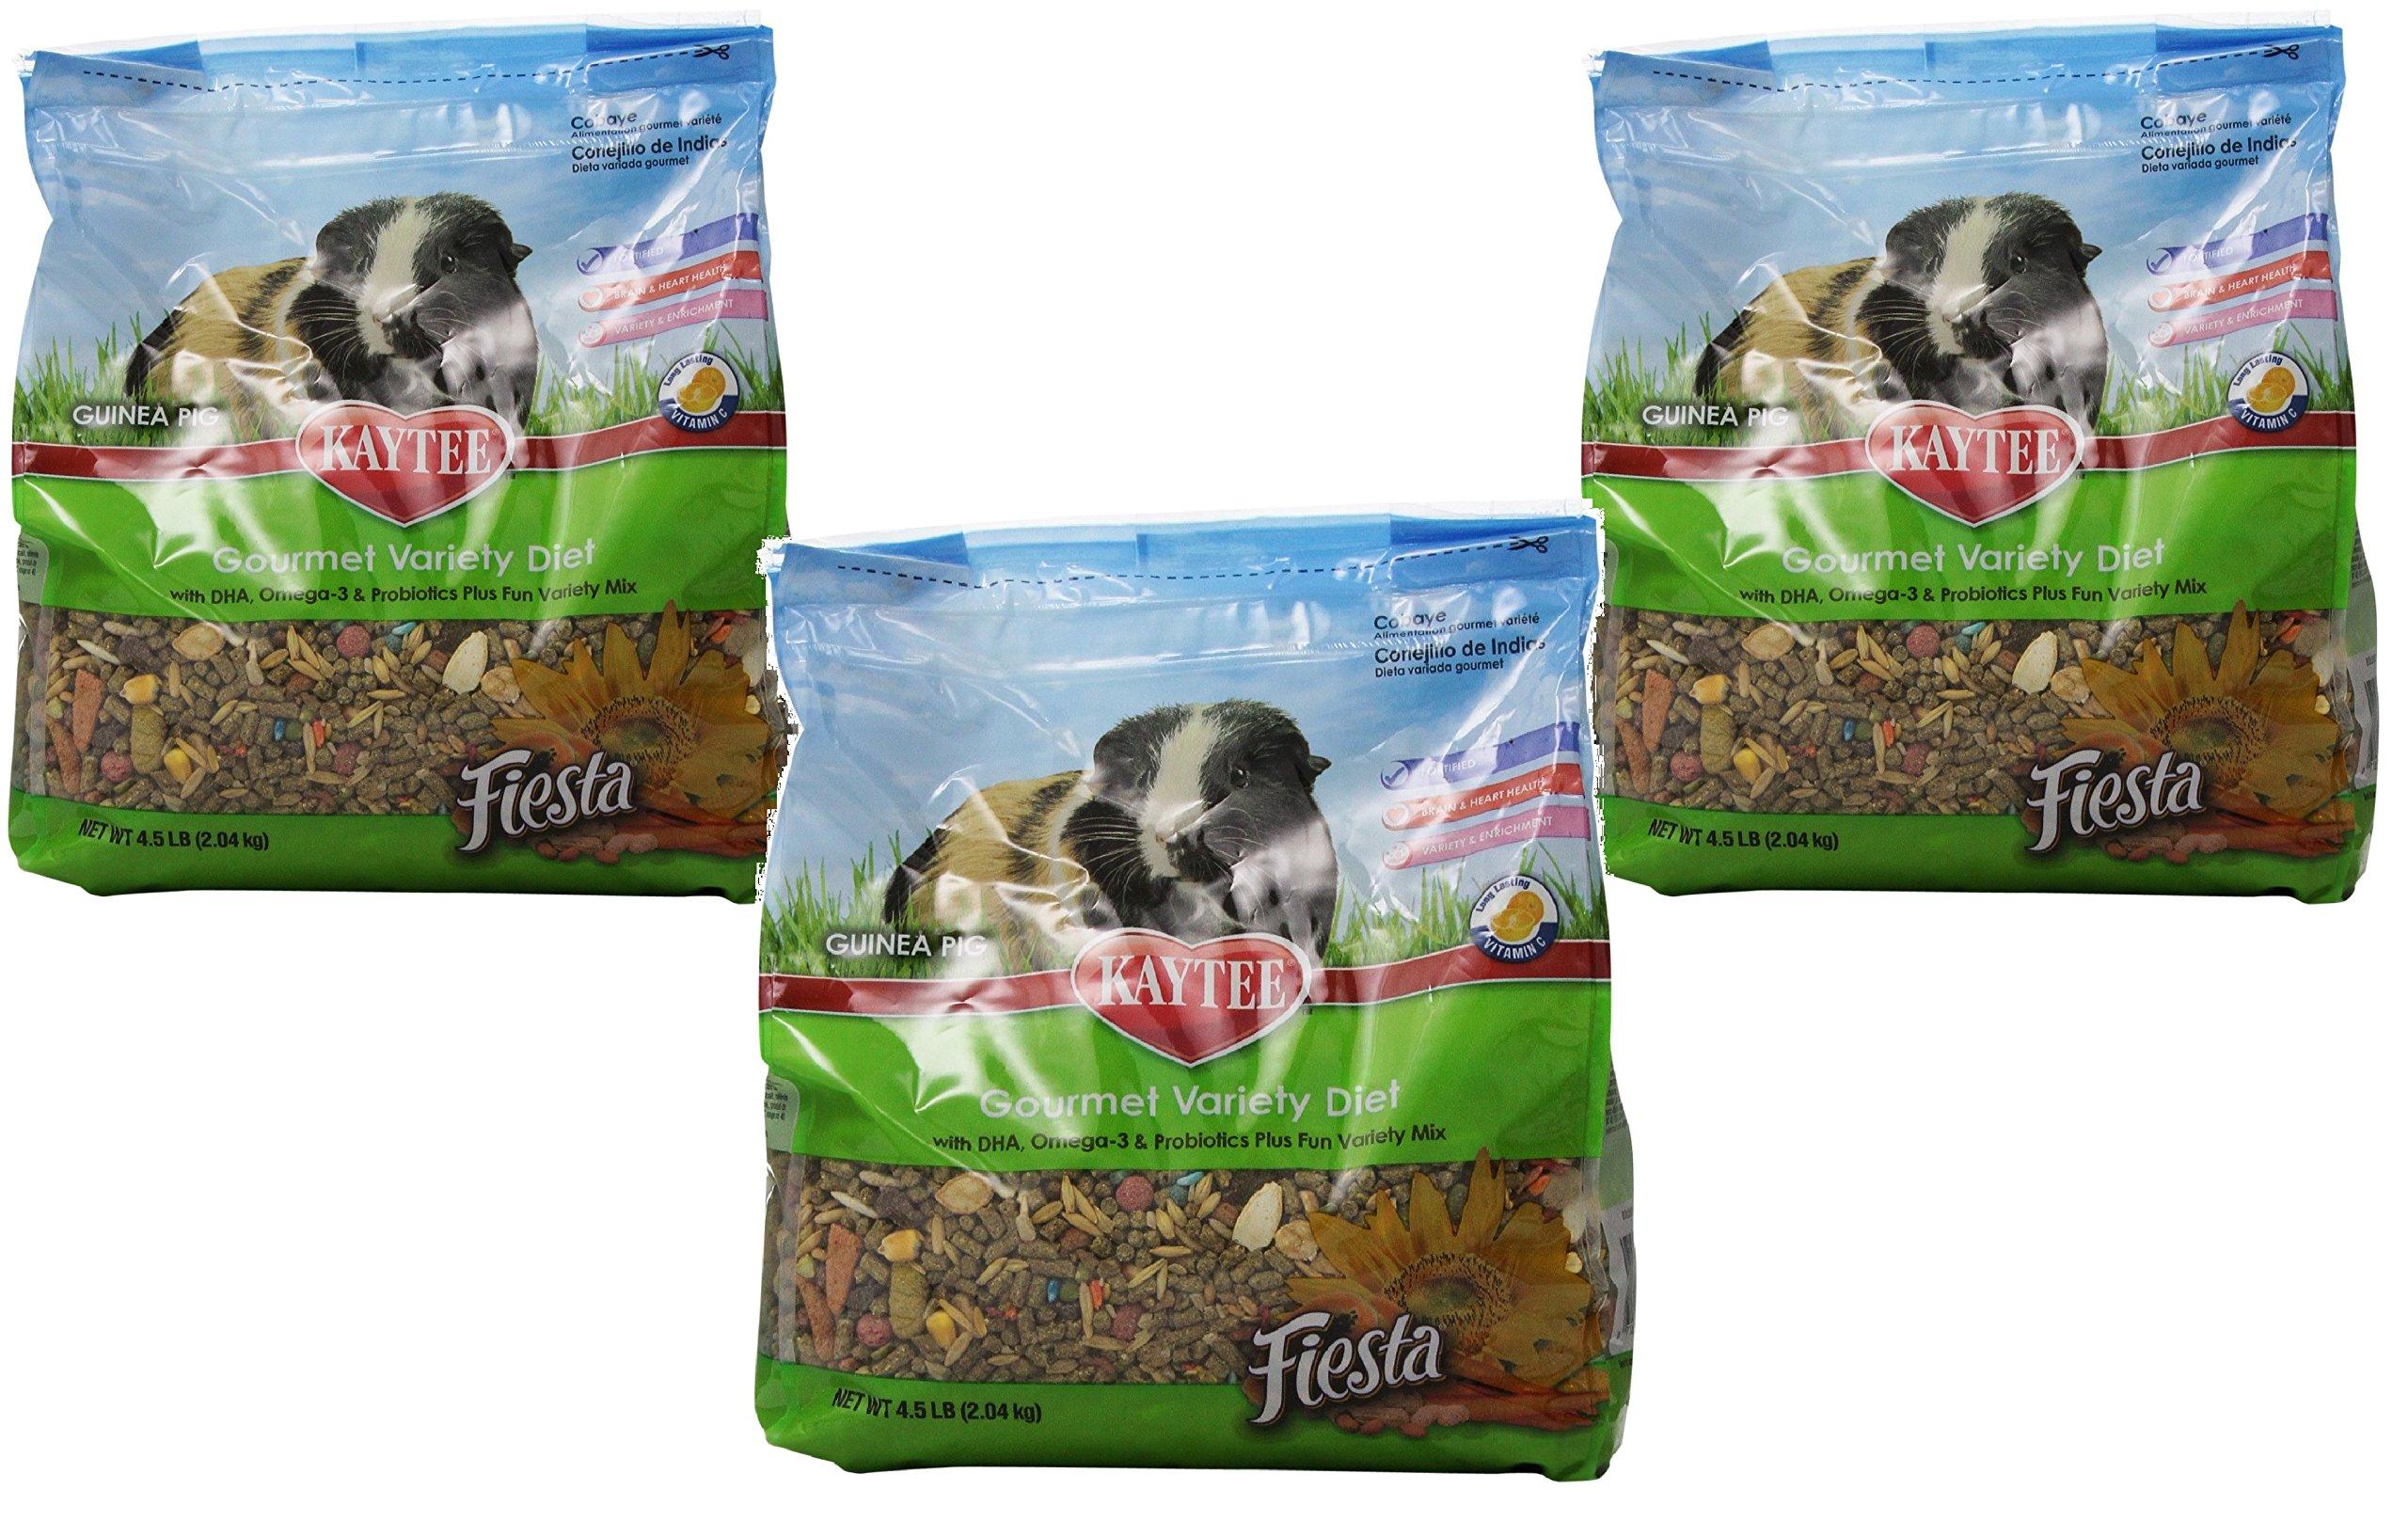 (3 Pack) Kaytee Fiesta Max Guinea Pig Food, 4.5 Pound Bags